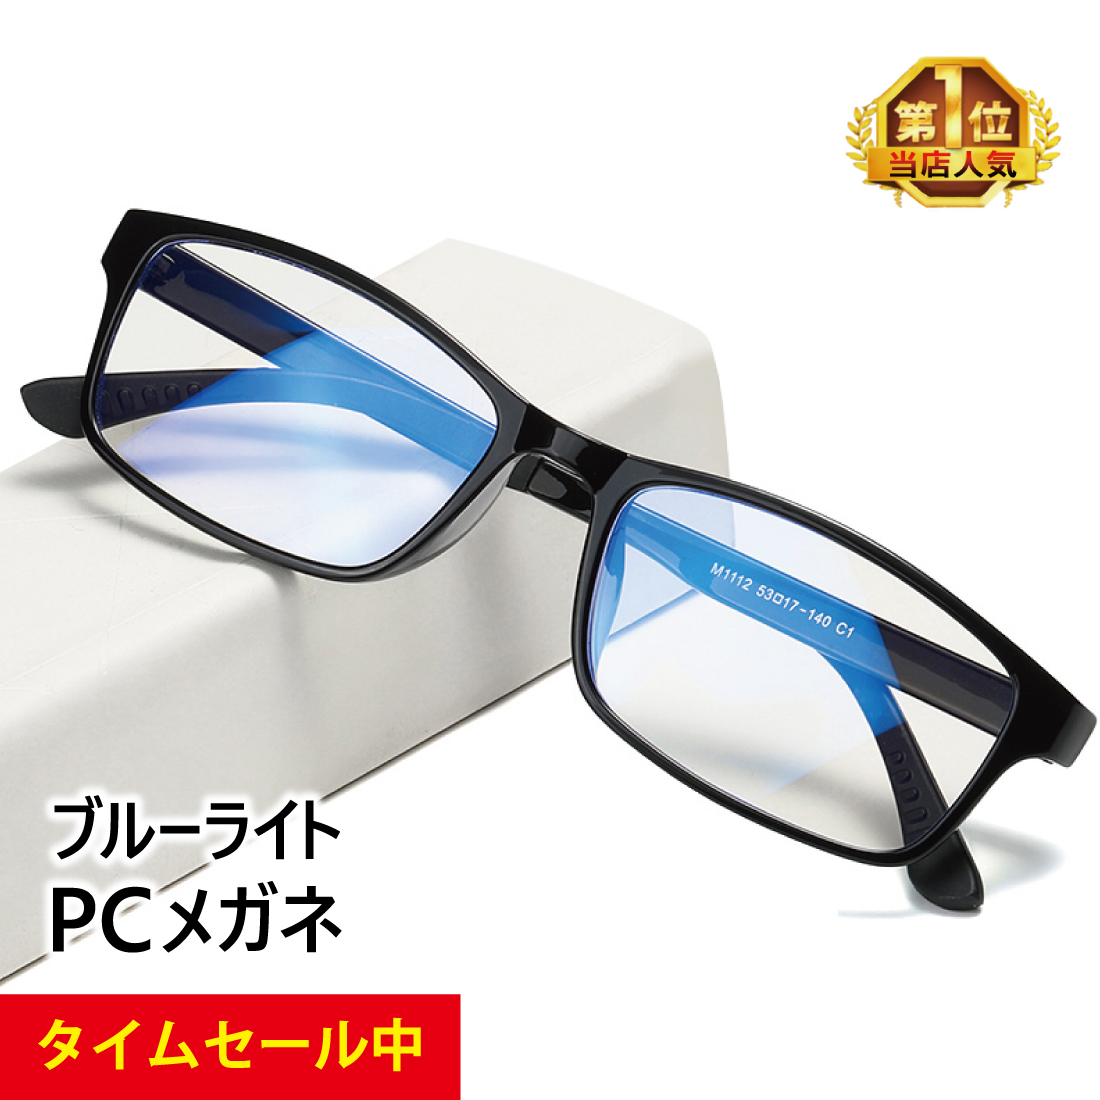 送料無料 ブルーライトカット PCメガネ 伊達眼鏡 度なし クリアレンズ おしゃれ パソコン 青色光カット 軽量 ウェリントン 男女兼用 だて眼鏡 メンズ レディース TV iPhone スマホ タブレット